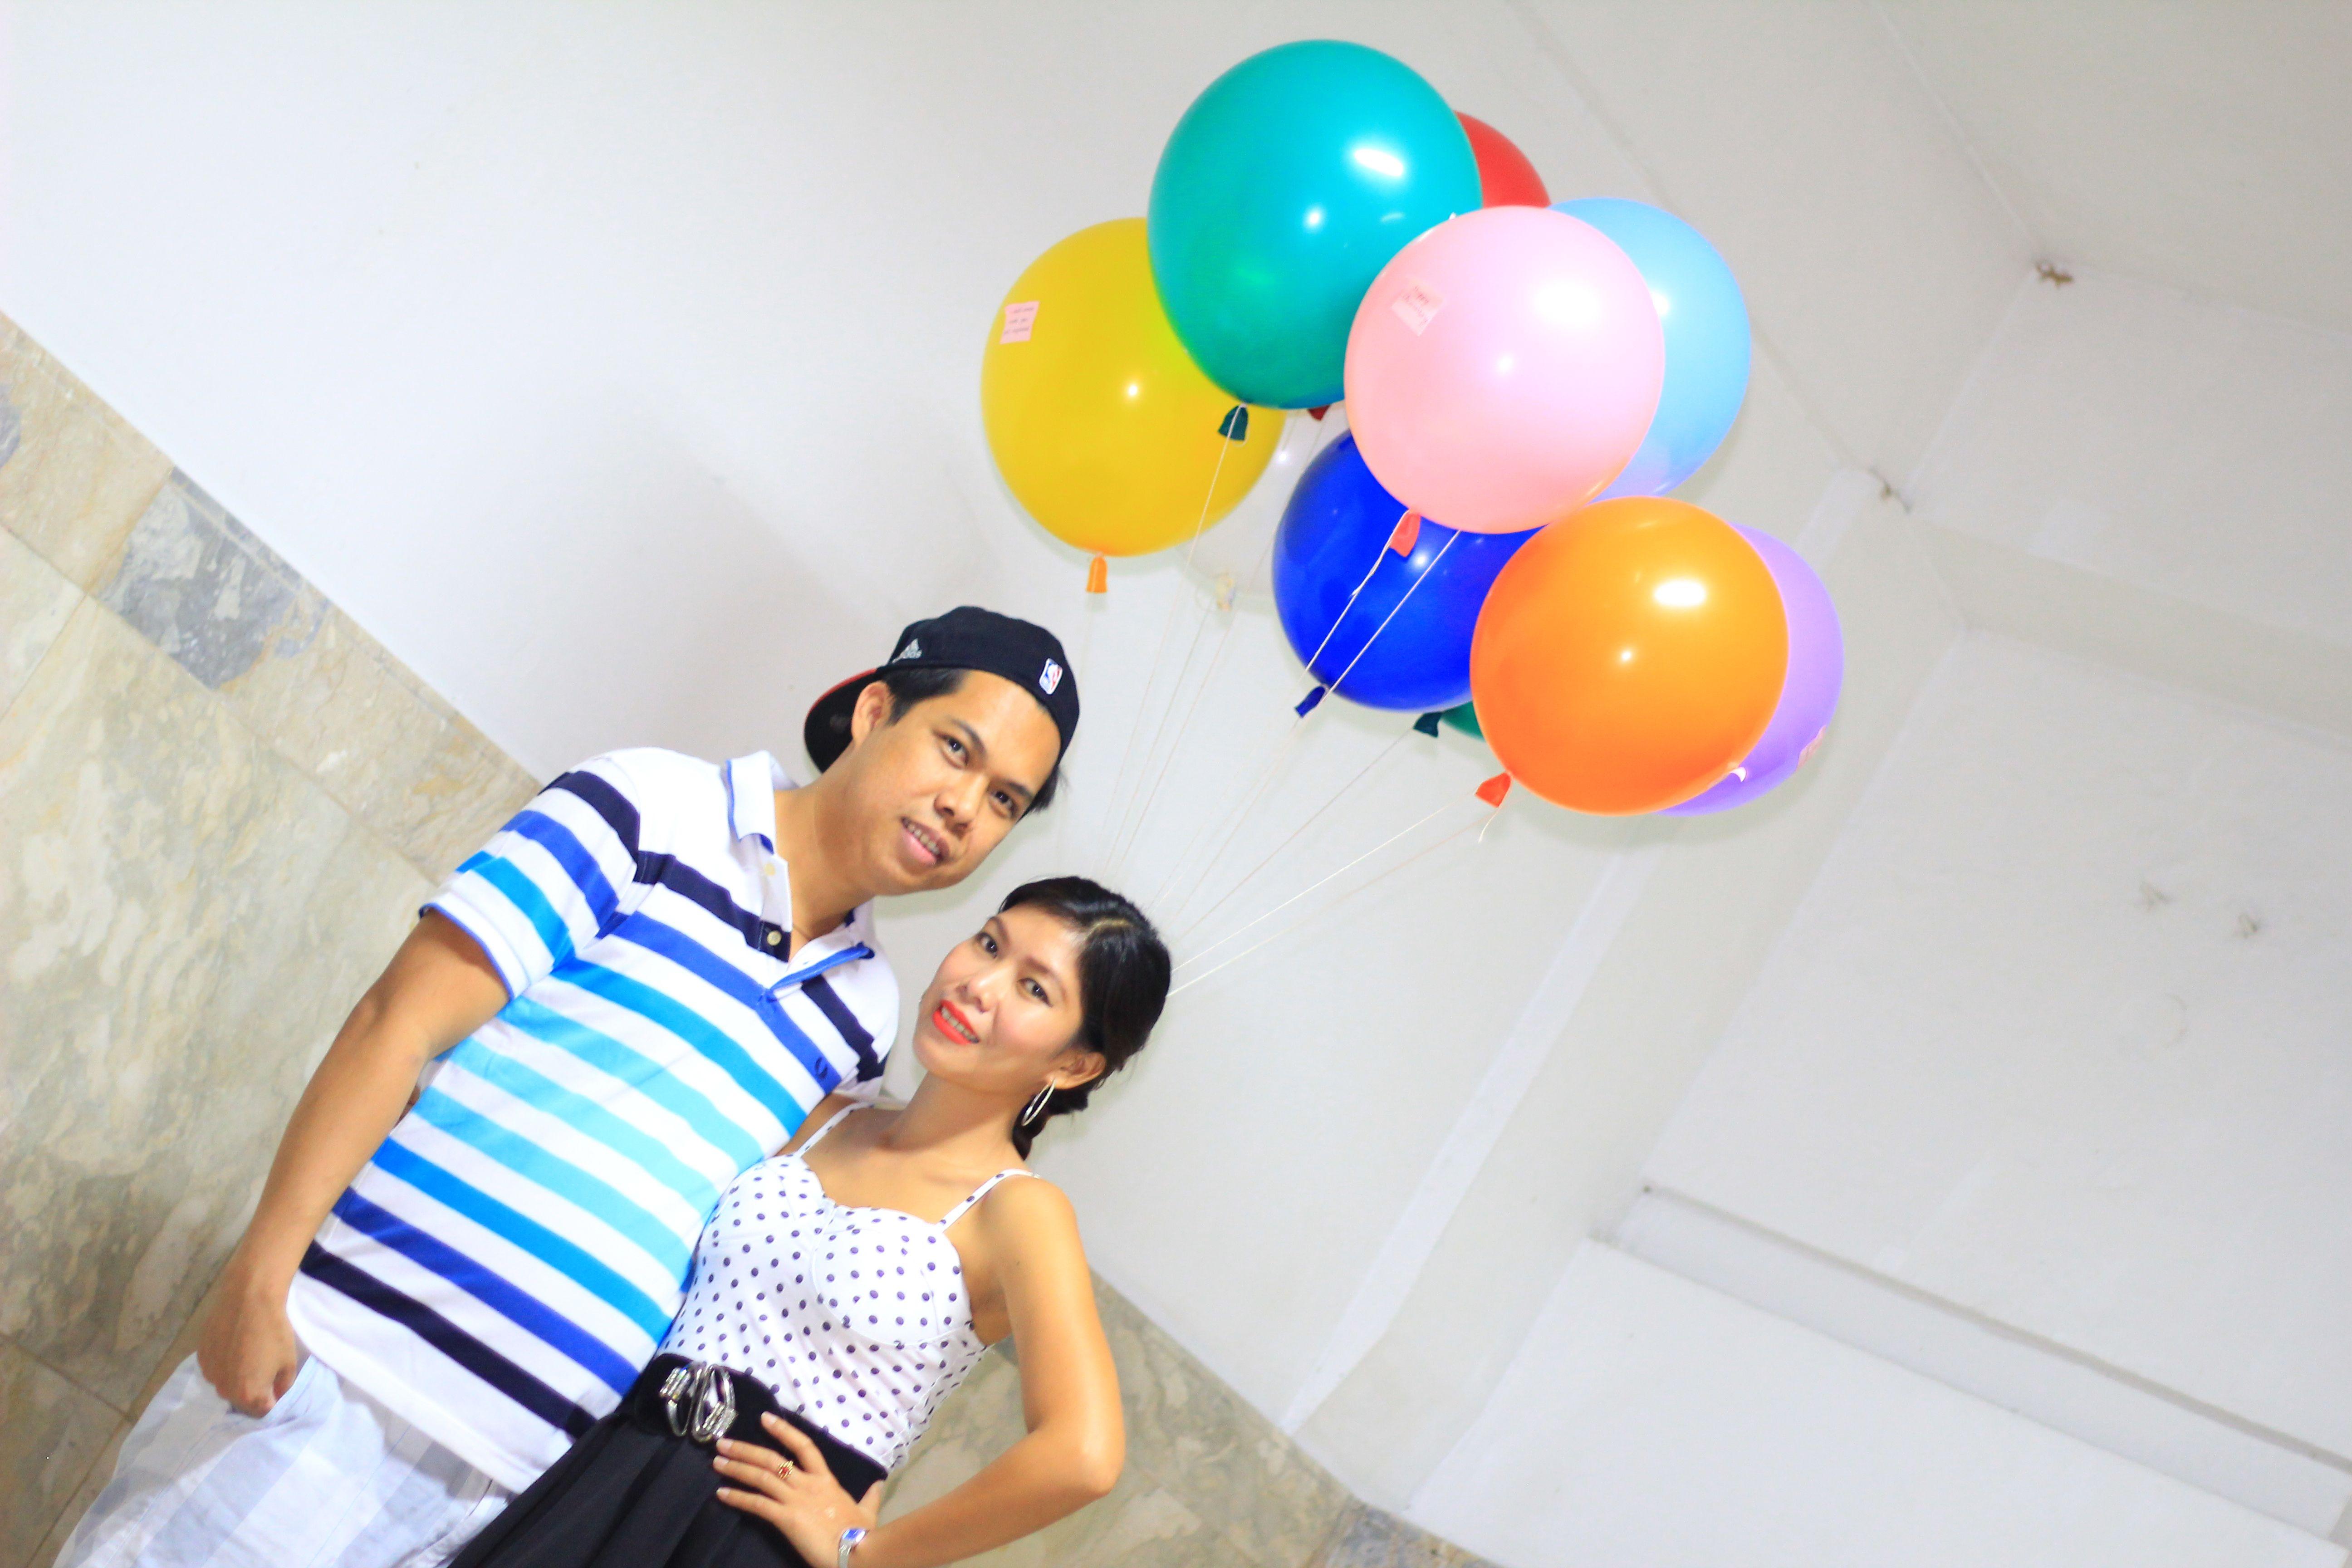 Balloon themed